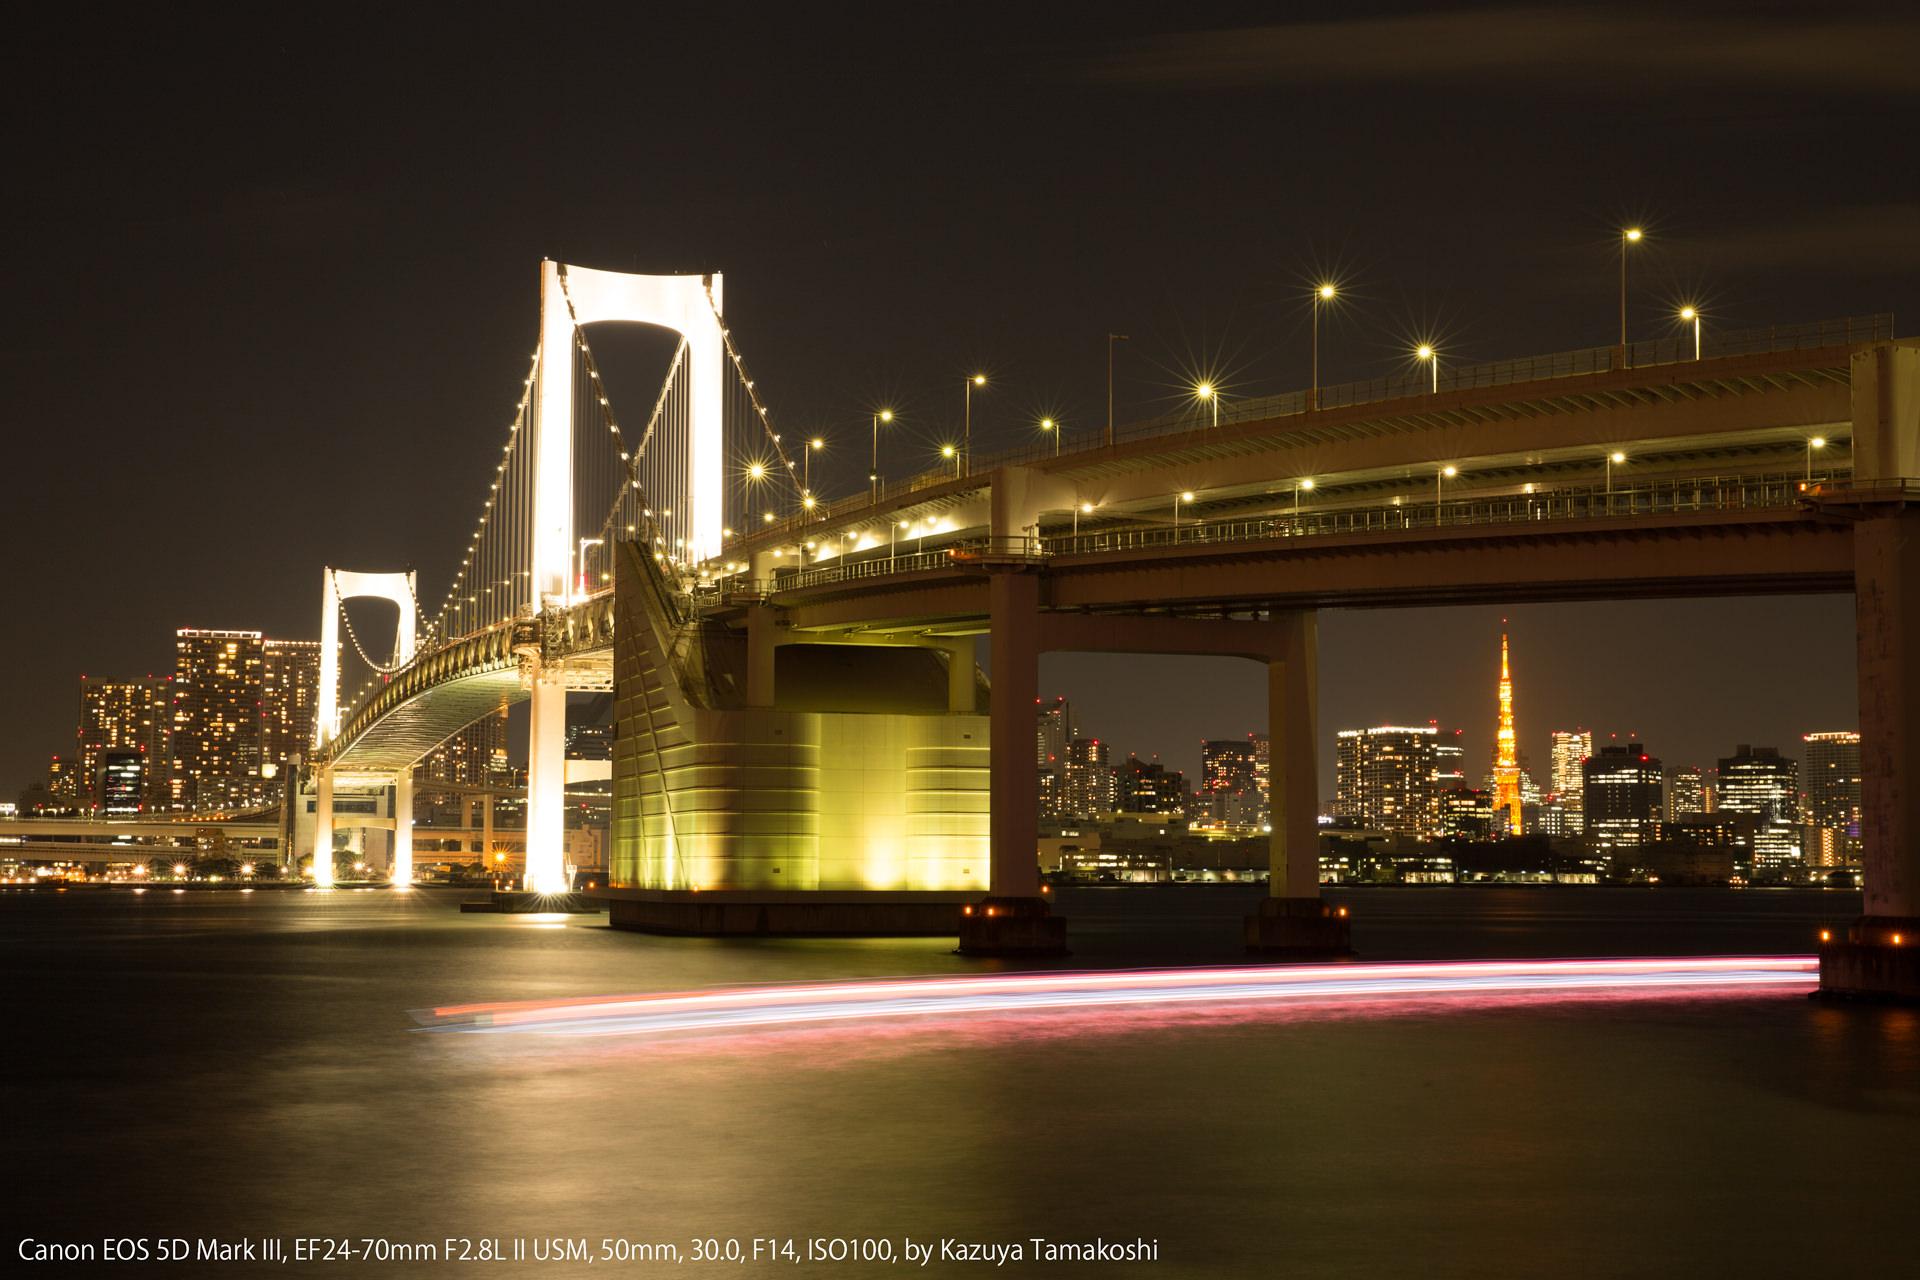 「くもり」モードで撮影した夜のレインボーブリッジ